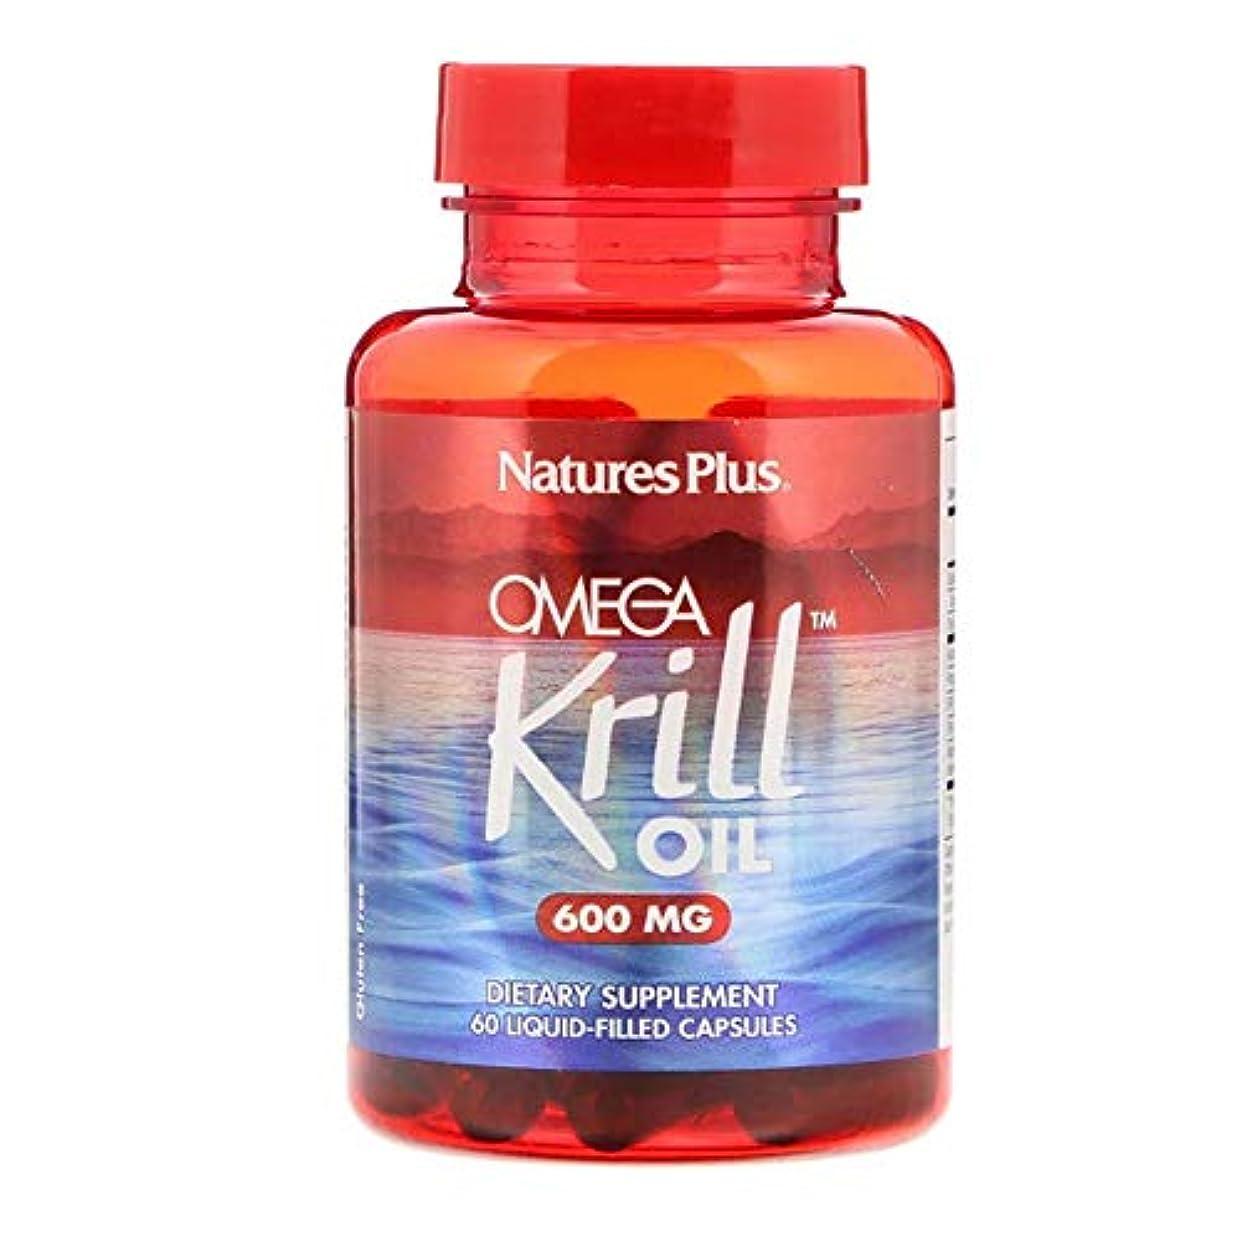 サミュエル割り当て問題Nature's Plus オメガ クリルオイル 600 mg 60 液体カプセル 【アメリカ直送】